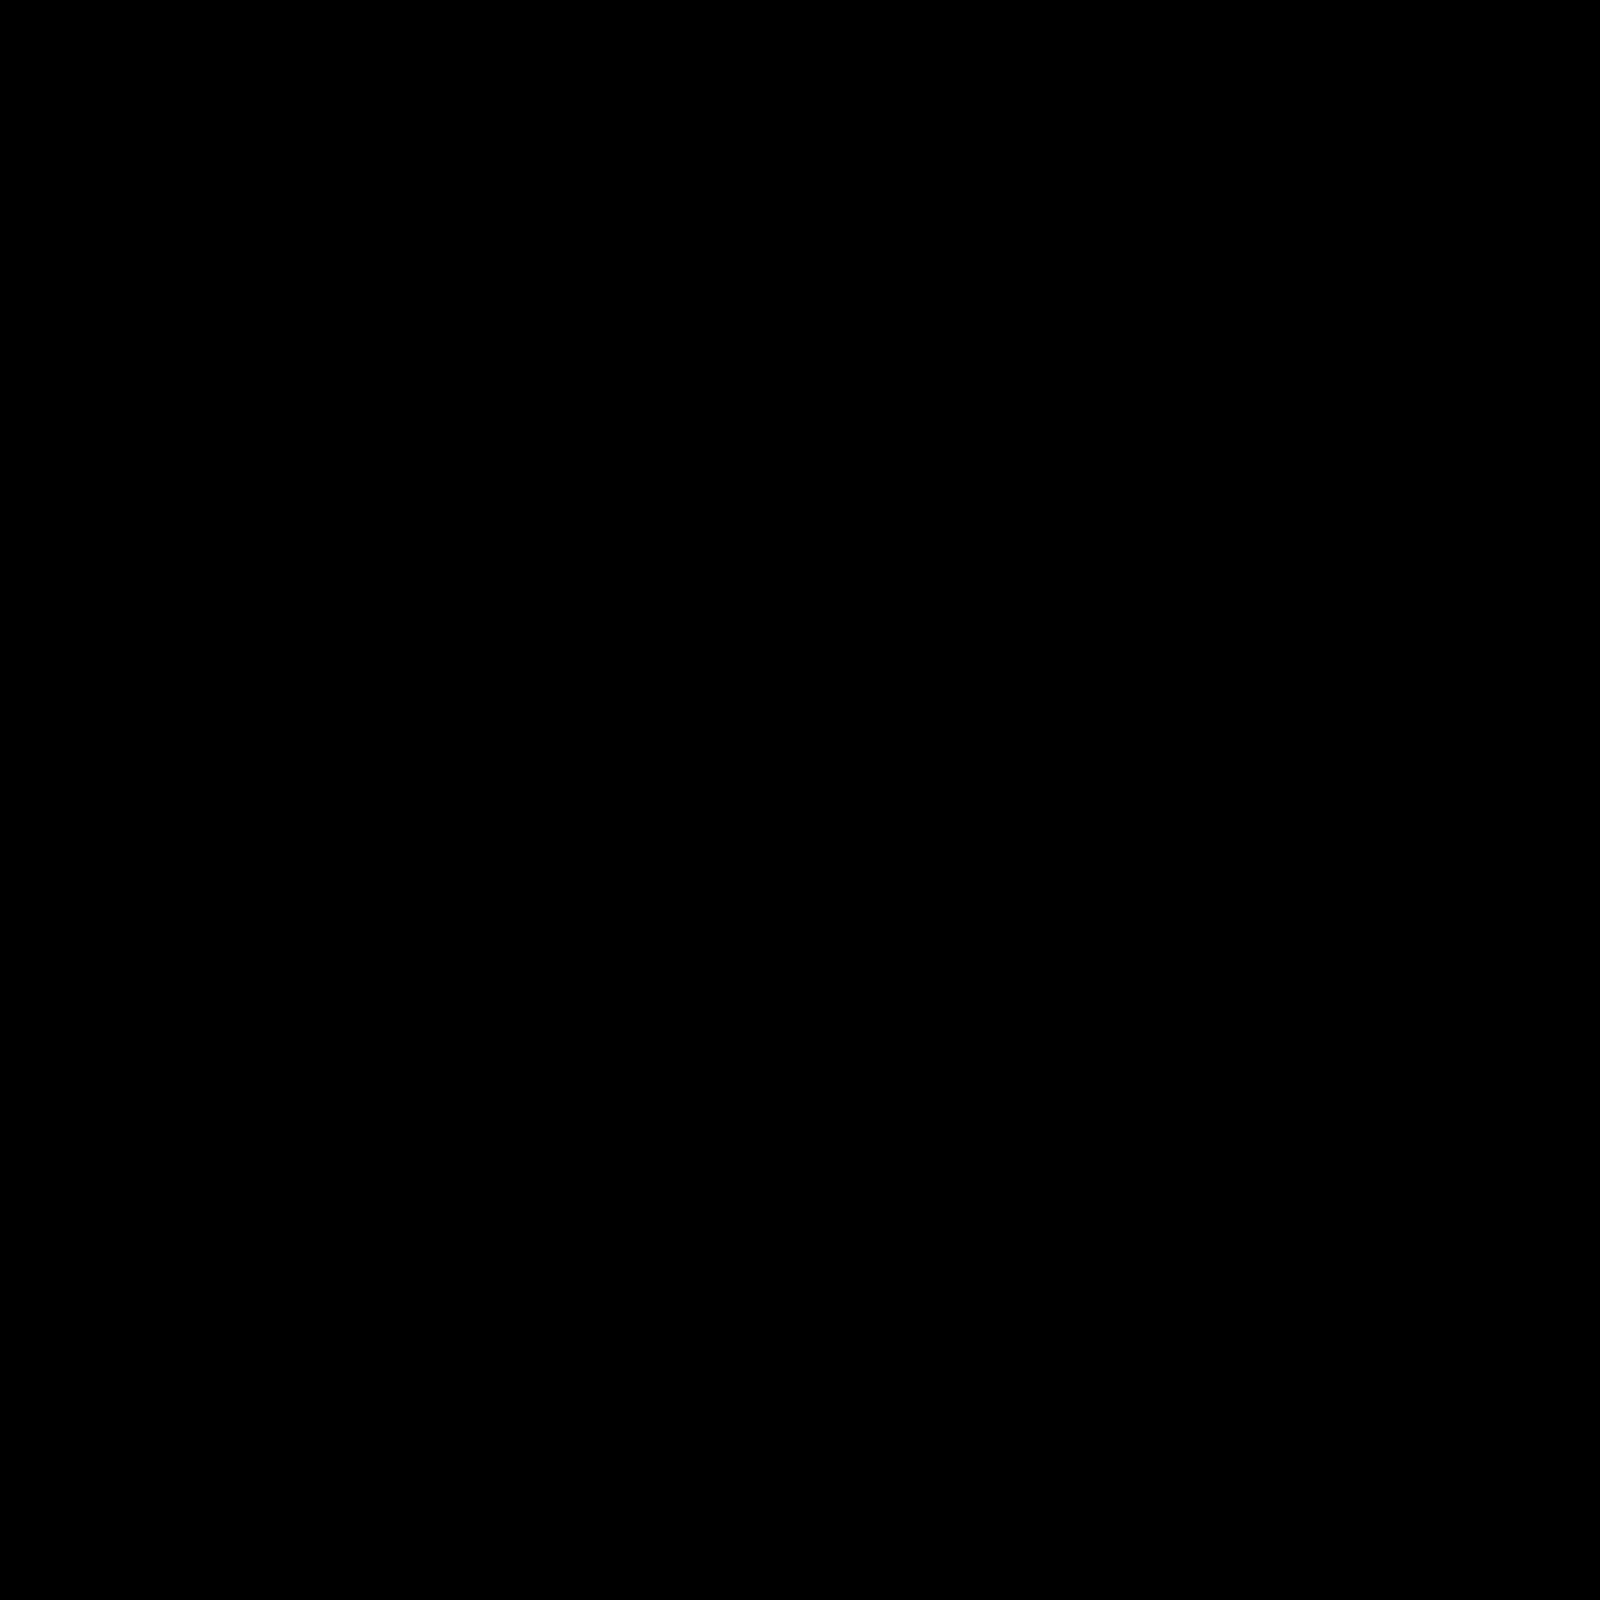 クラウドからダウンロード icon. The image is of a single fluffy cloud. Inside the cloud is an arrow. The arrow is pointing down. The rounded parts of the cloud are on the top. The bottom of the could is a straight flat line.